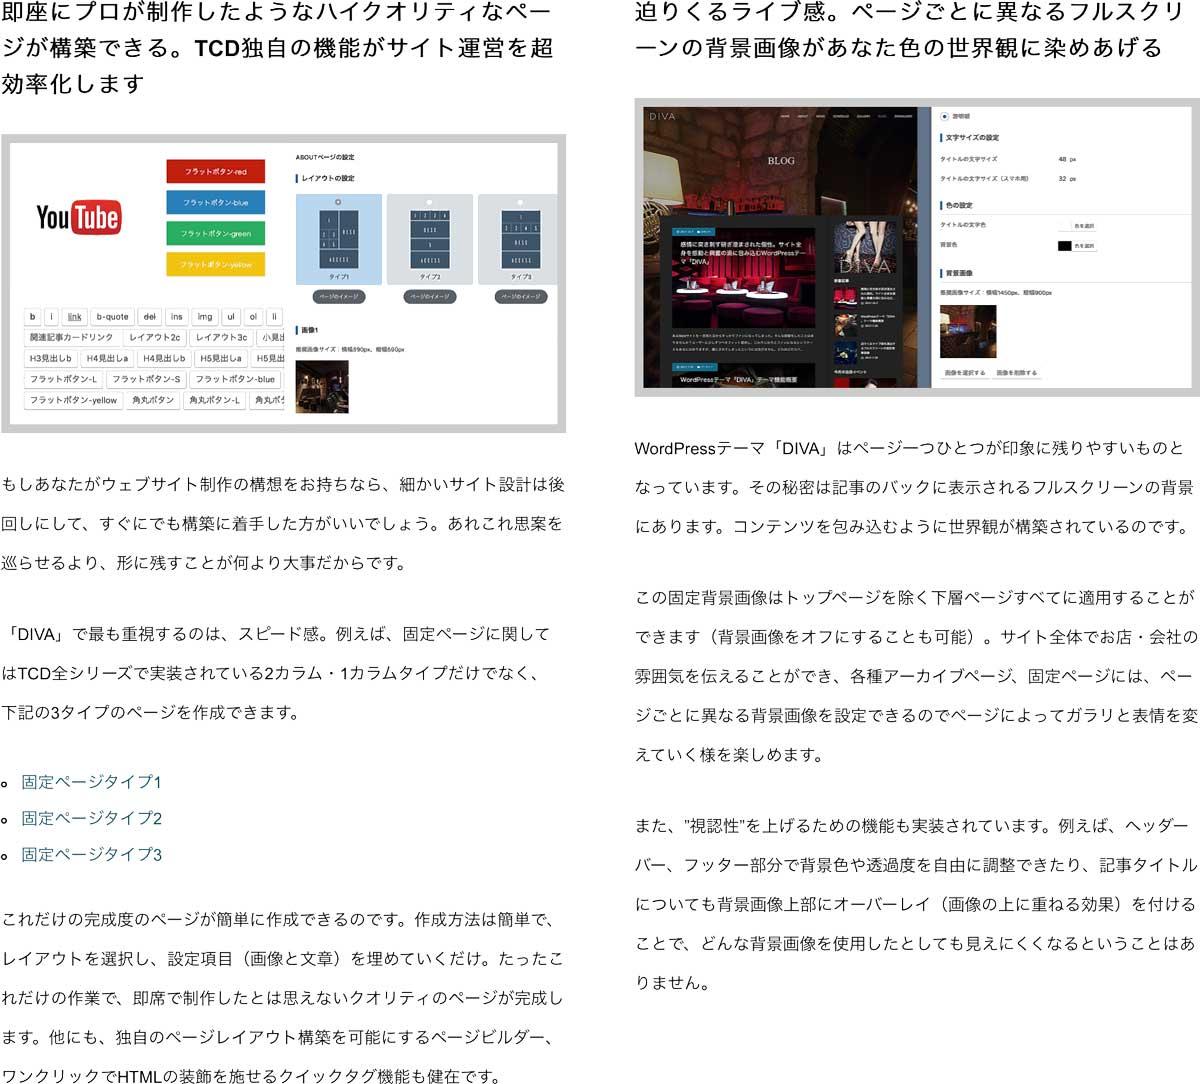 DIVAは、店舗サイトを激変させるイベント・ギャラリー機能搭載のWordPressテーマ wordpress_free_themes_tcd066_04